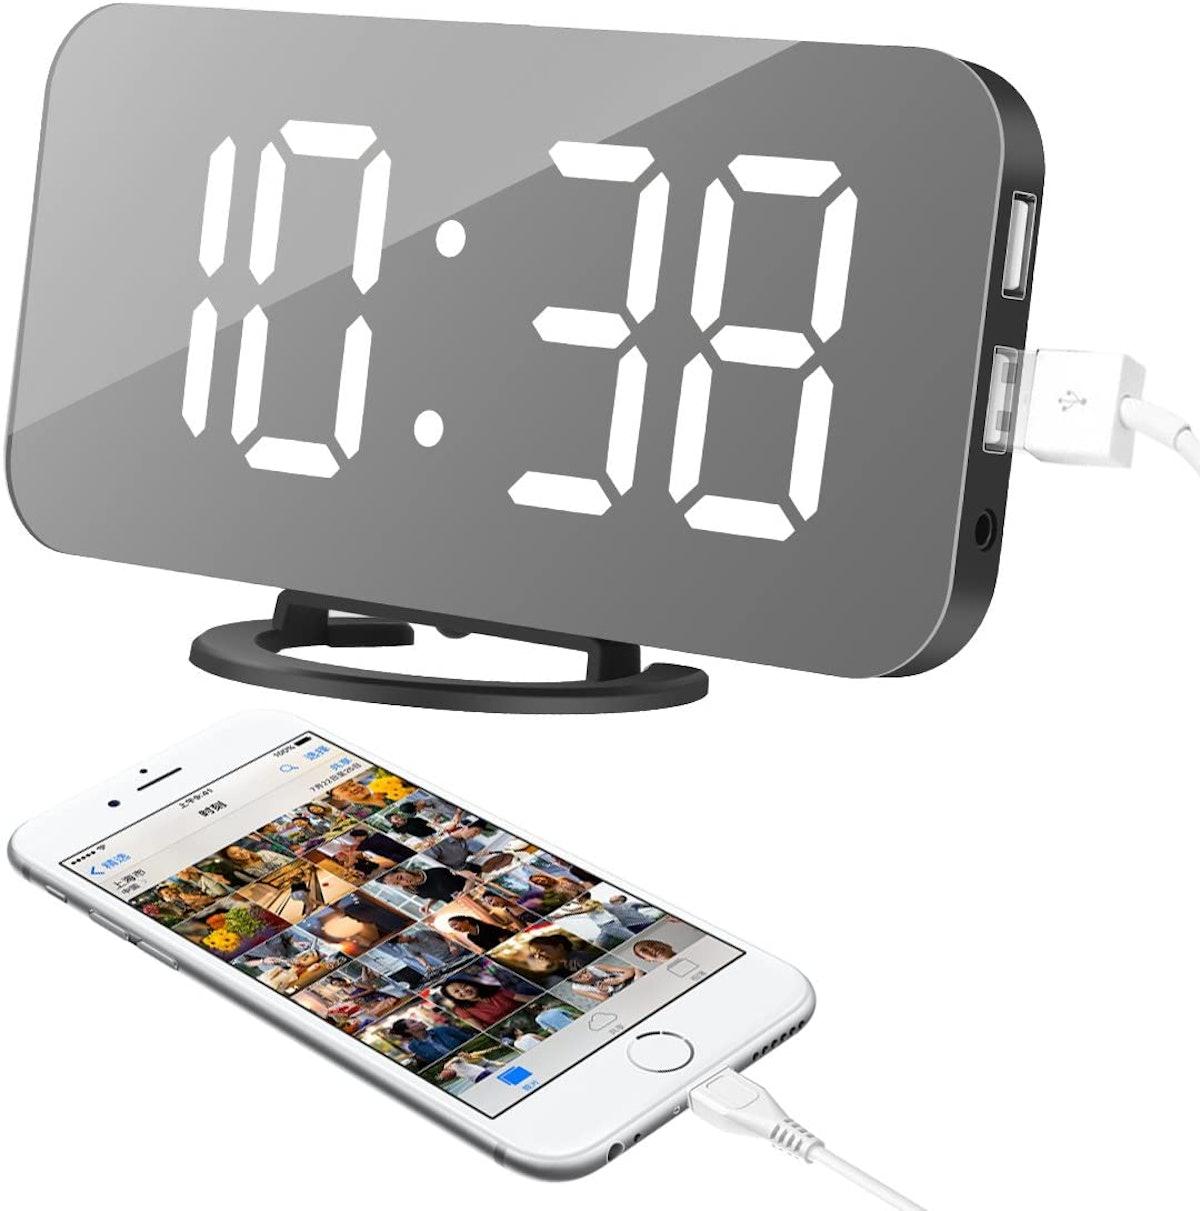 oenbopo LED Alarm Clock